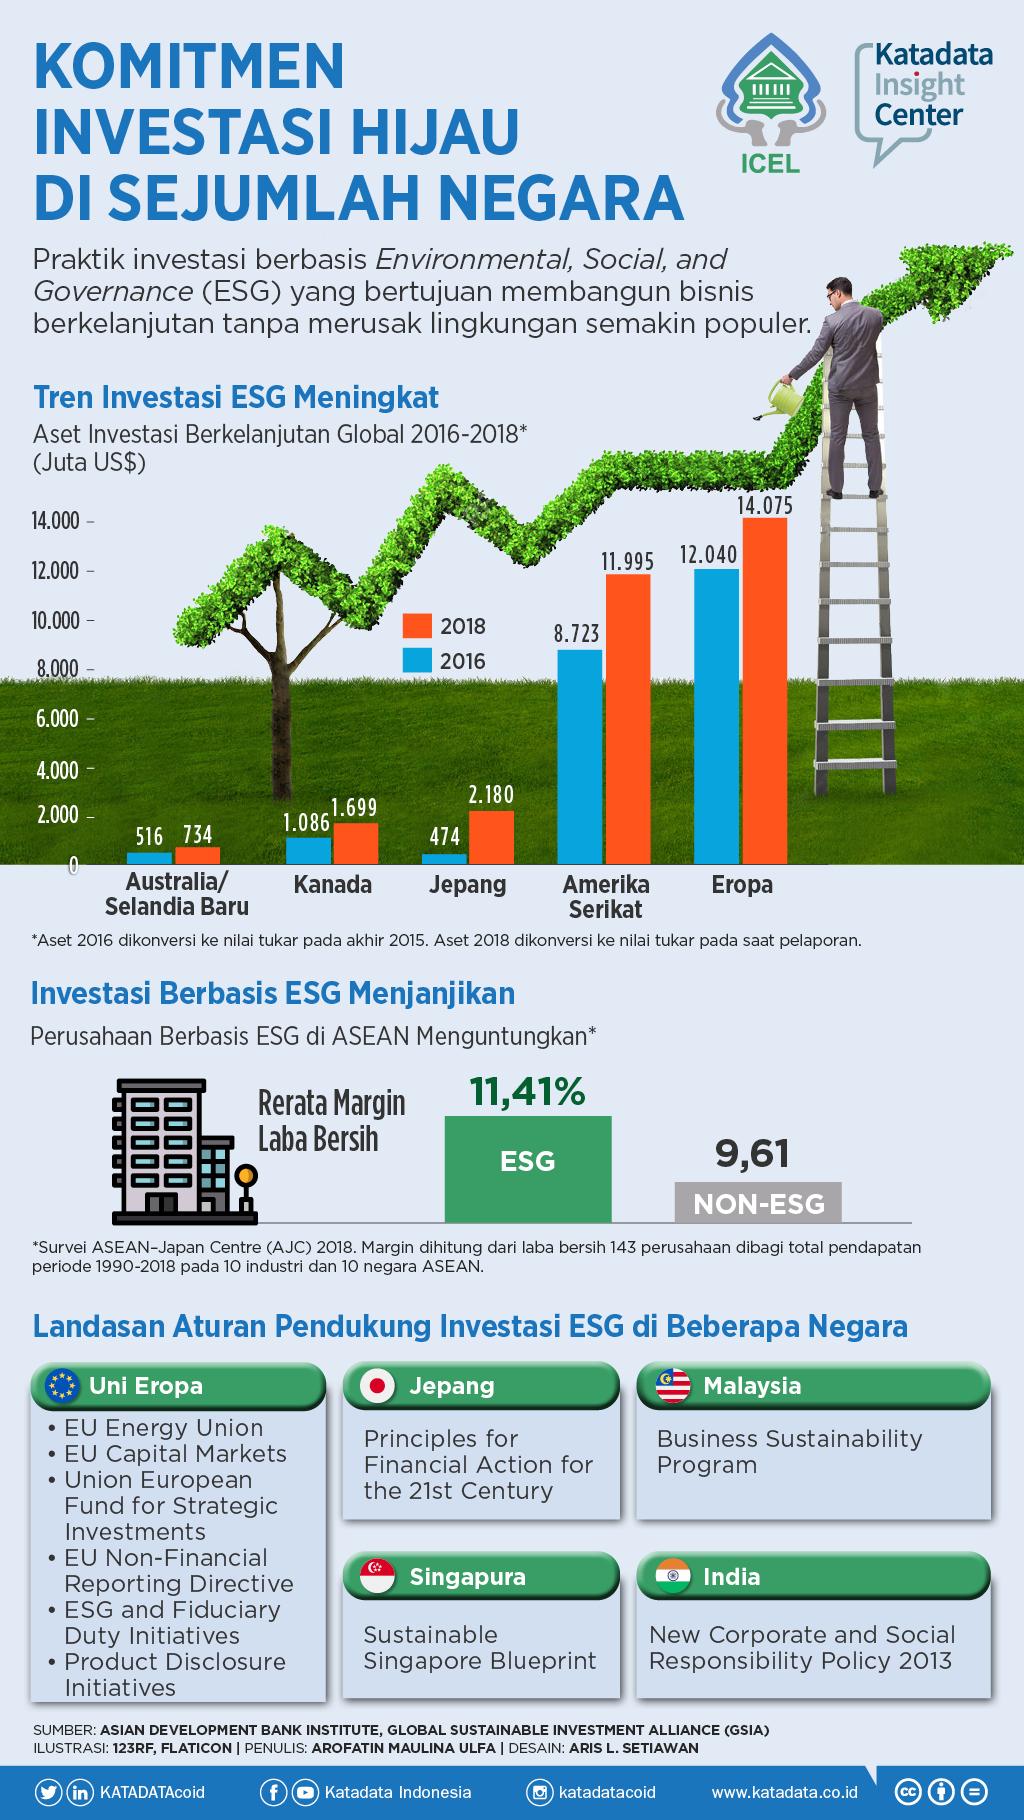 Komitmen Investasi Hijau di Sejumlah Negara